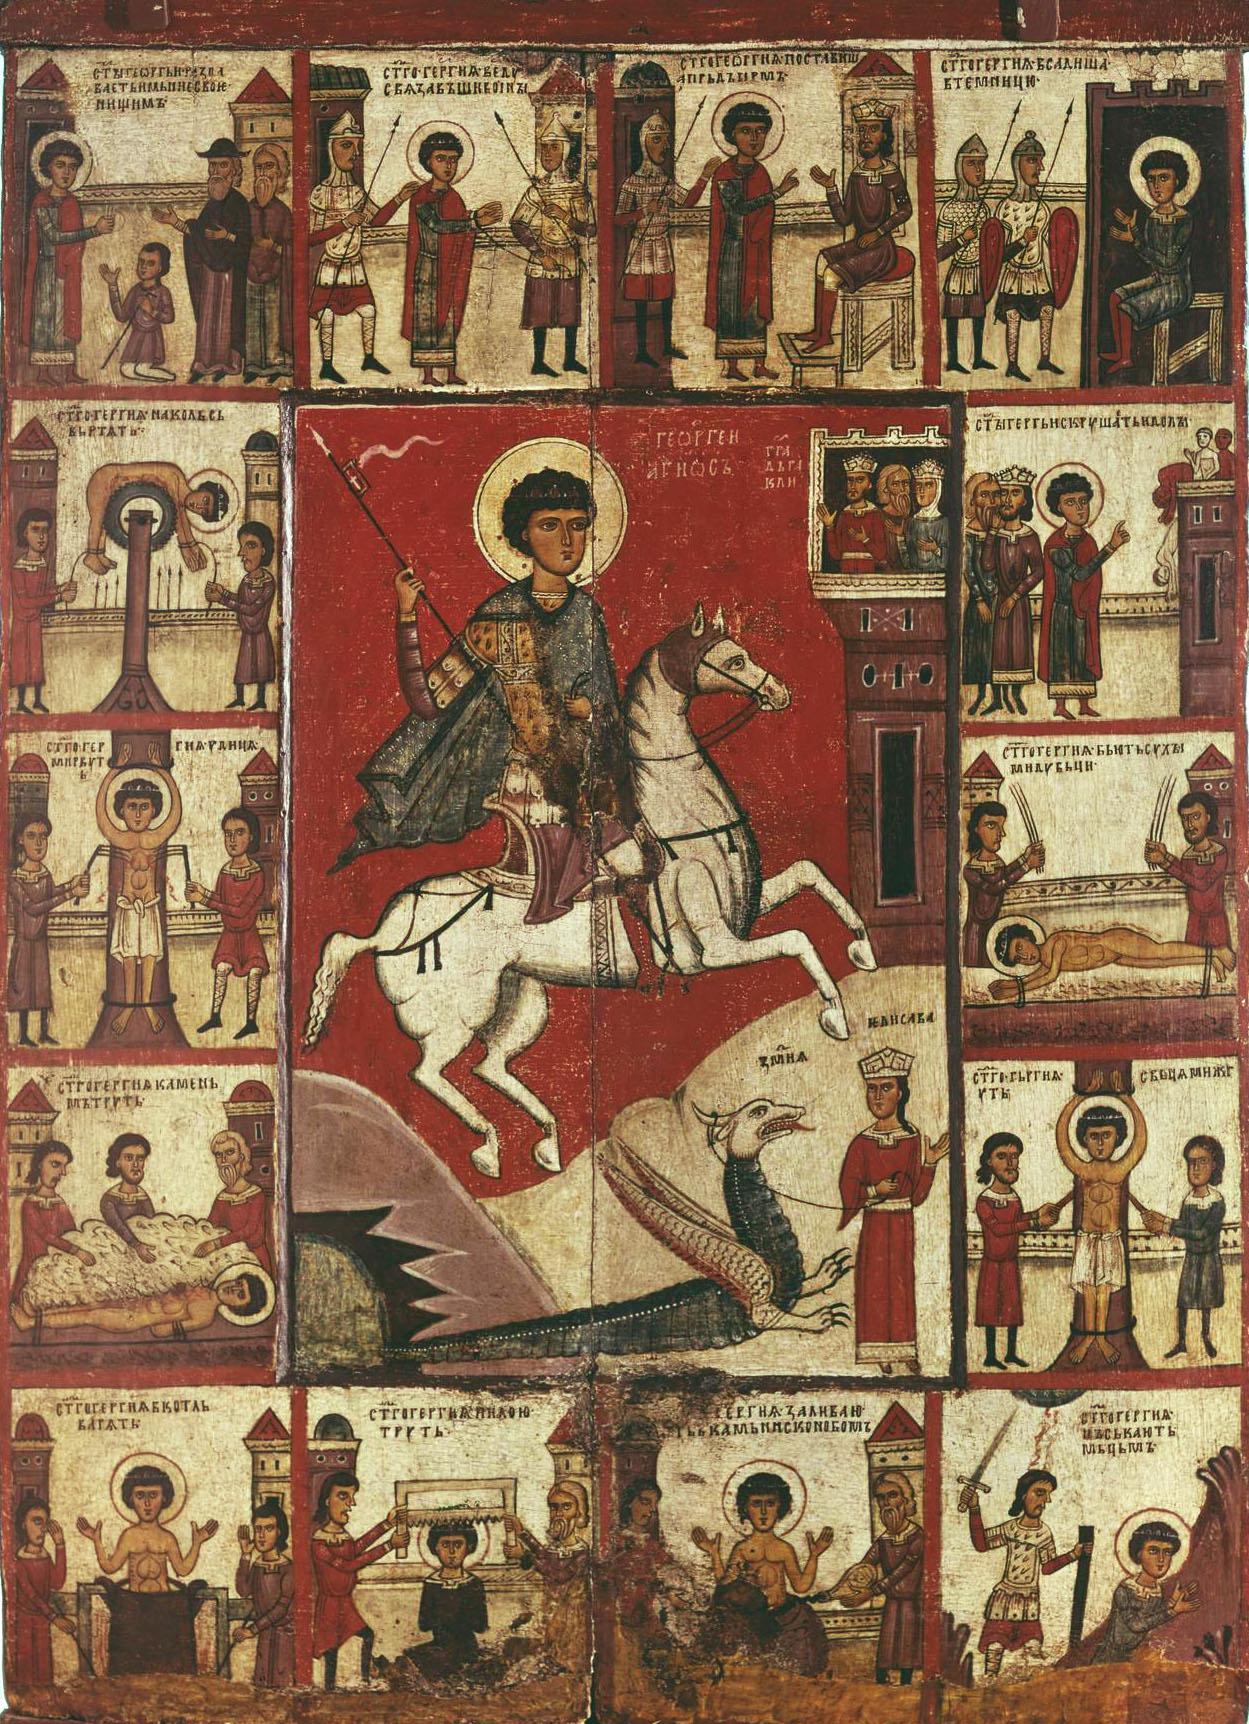 Георгий изображен спокойно едущим на коне рядом с девицей, ведущей змея на поводке.